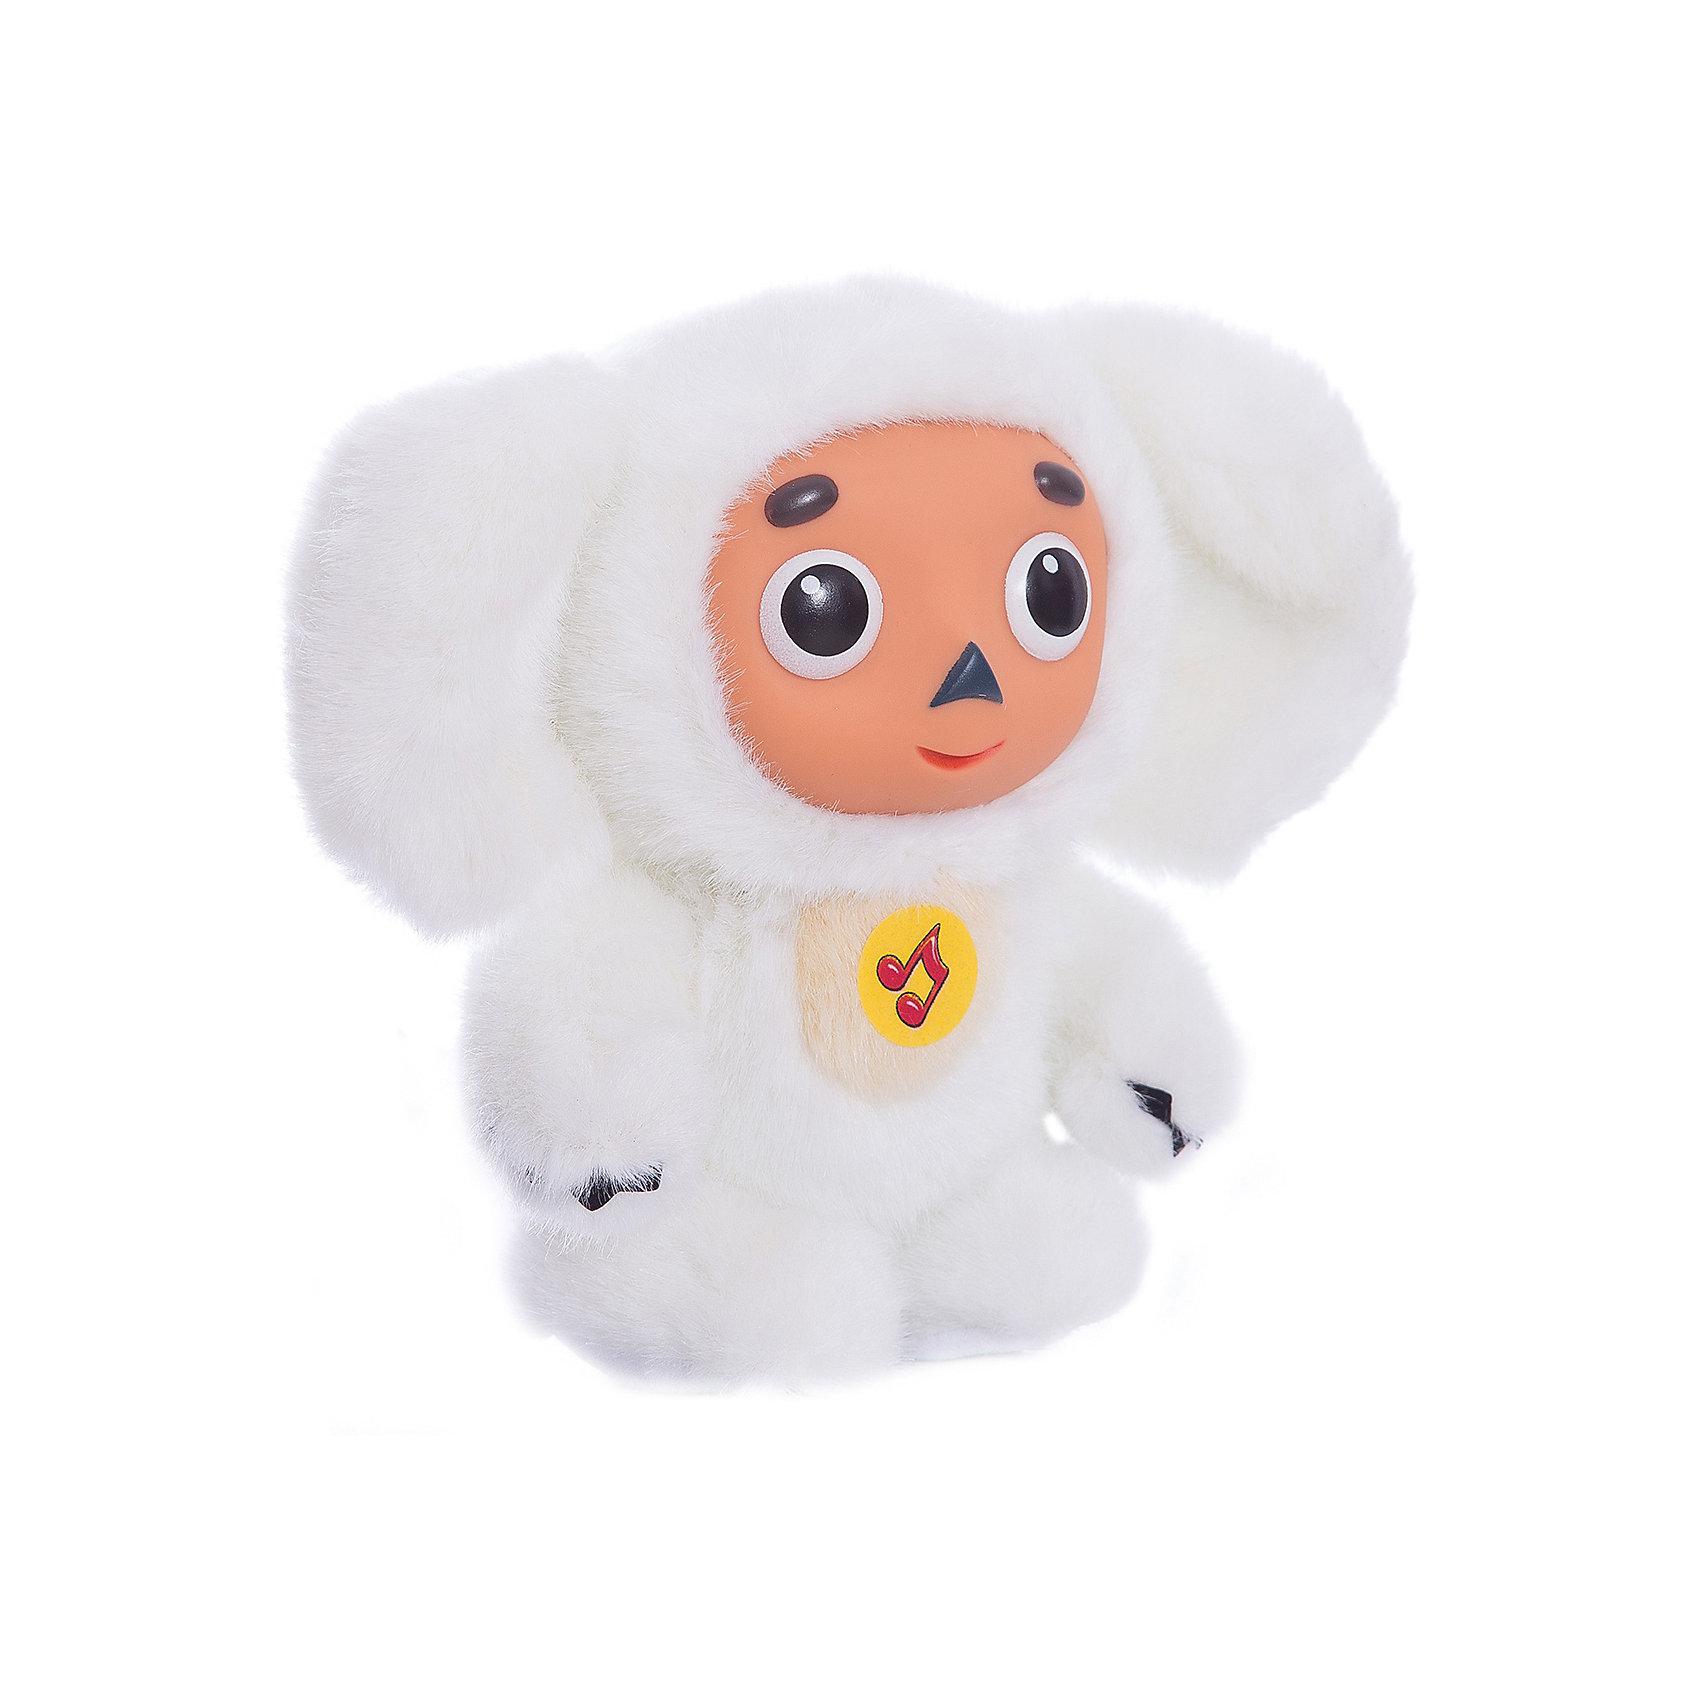 МУЛЬТИ-ПУЛЬТИ Мягкая игрушка Чебурашка с белым мехом, МУЛЬТИ-ПУЛЬТИ мульти пульти мягкая игрушка эдди 18 см со звуком пингвиненок пороро мульти пульти